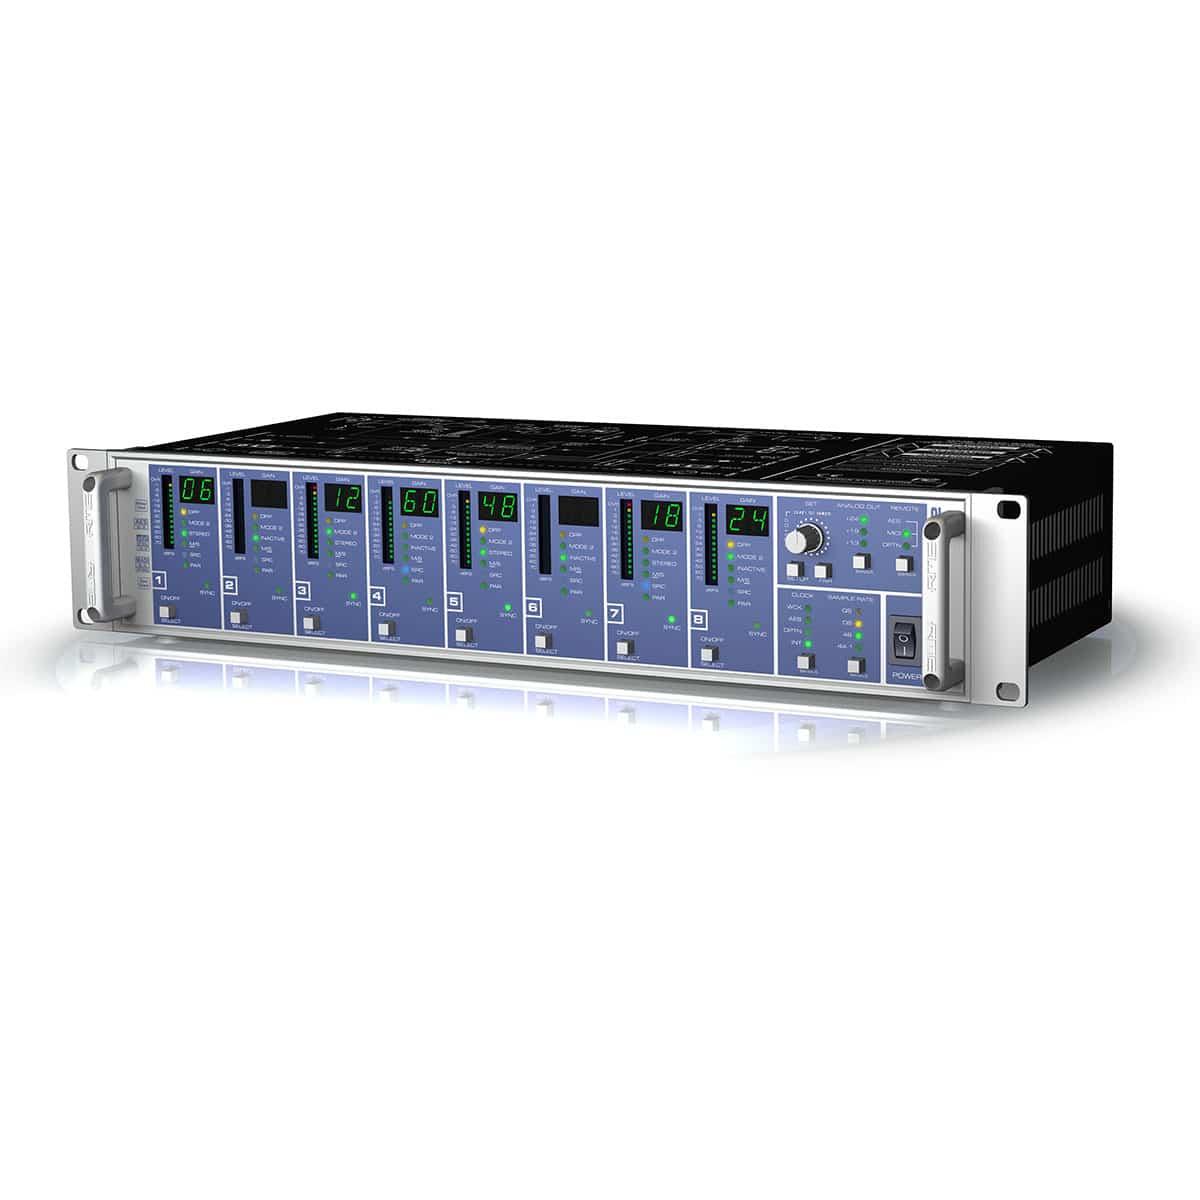 RME DMC 842 01 Convertitori Audio, Pro Audio, Outboard, Preamplificatori Microfonici, Audio Digitale